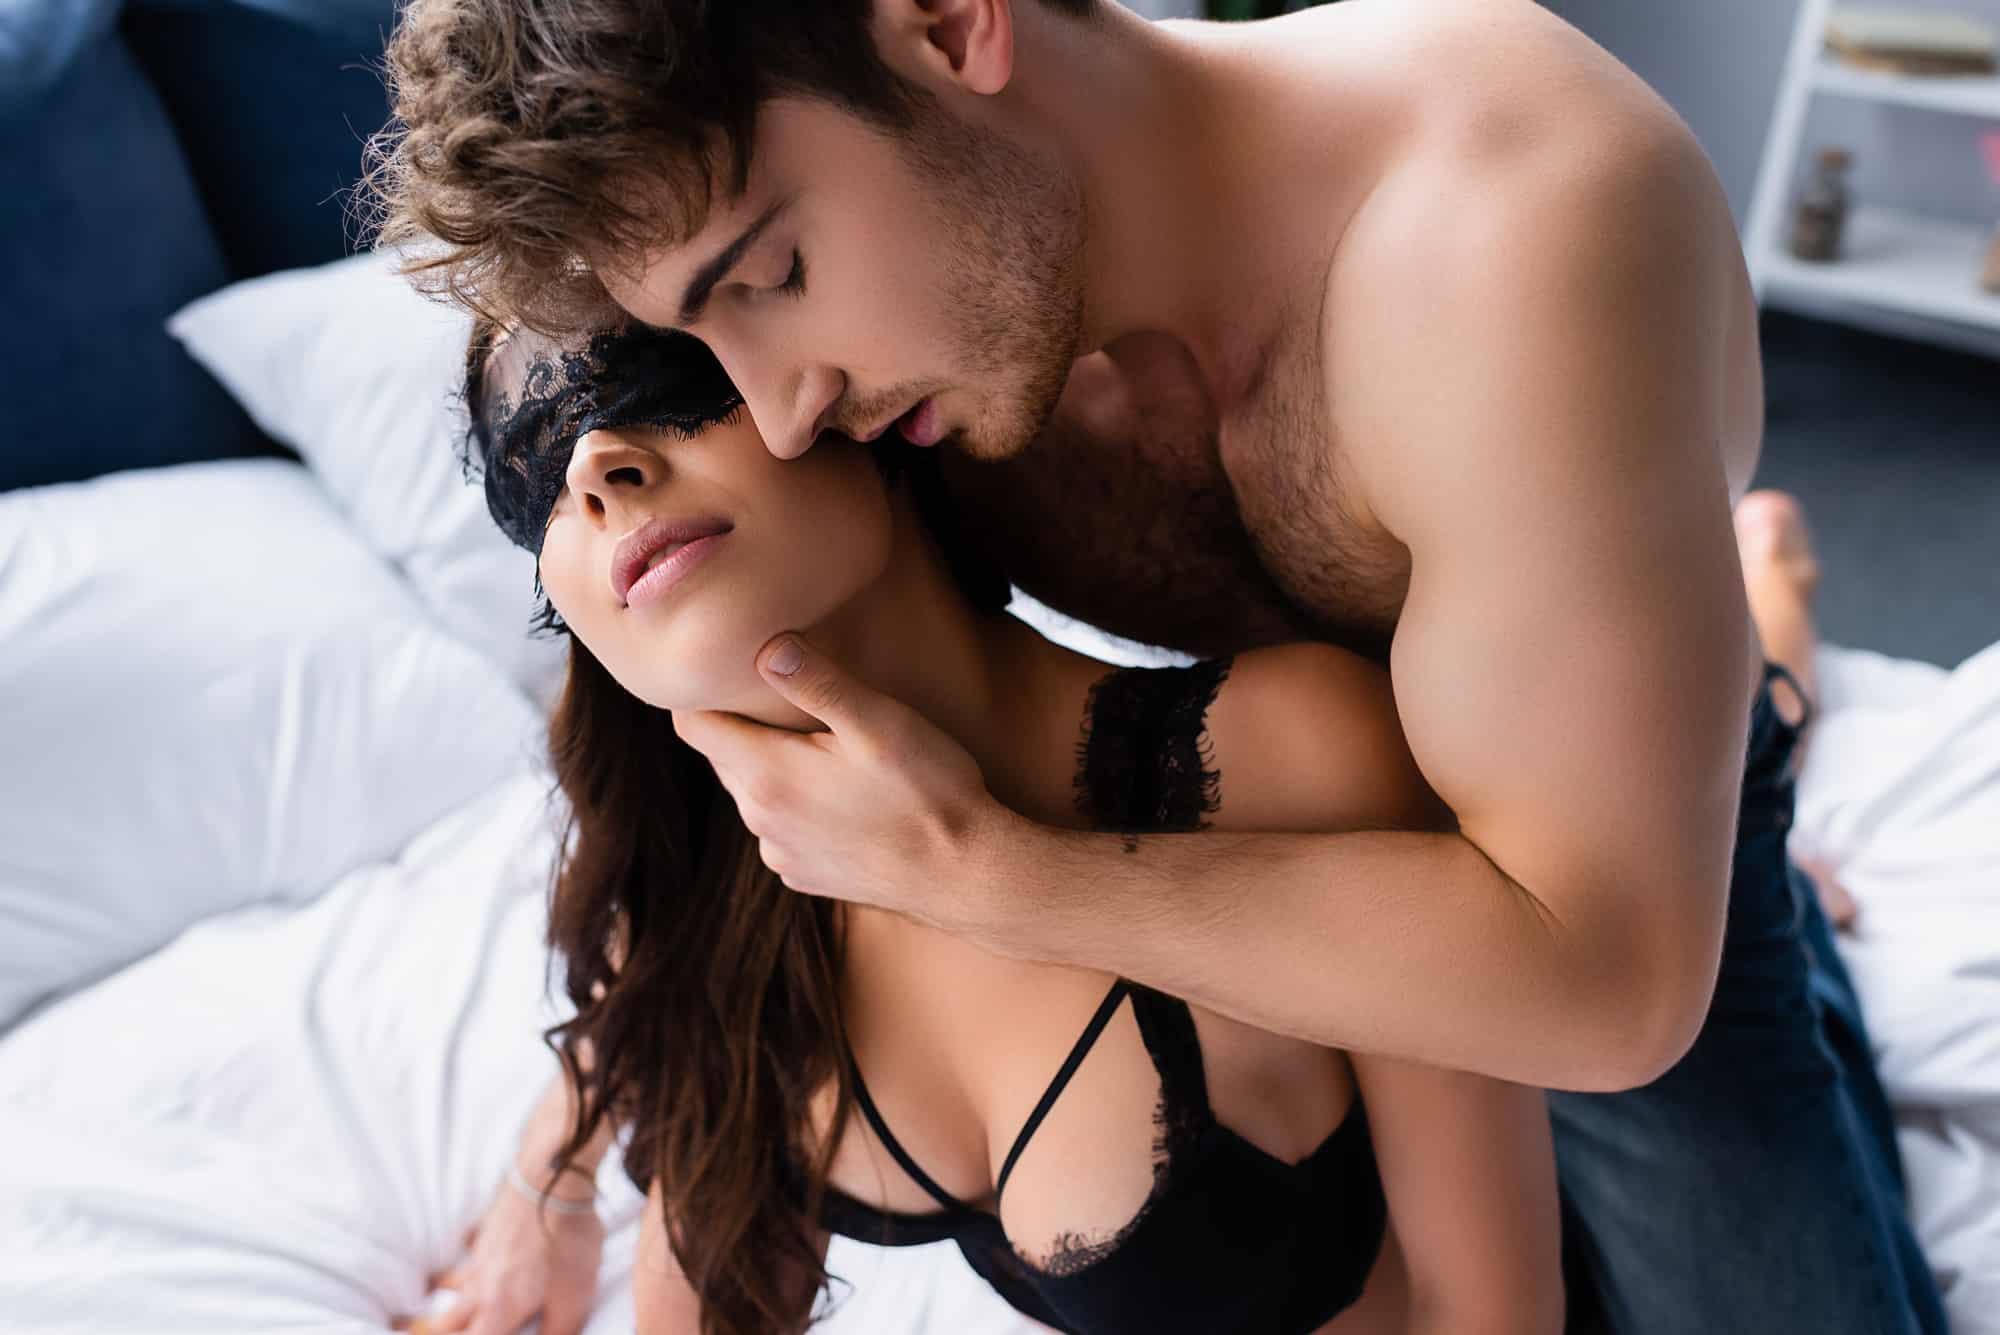 Oğlak erkeğinin cinsellikte gösterdiği 15 davranış